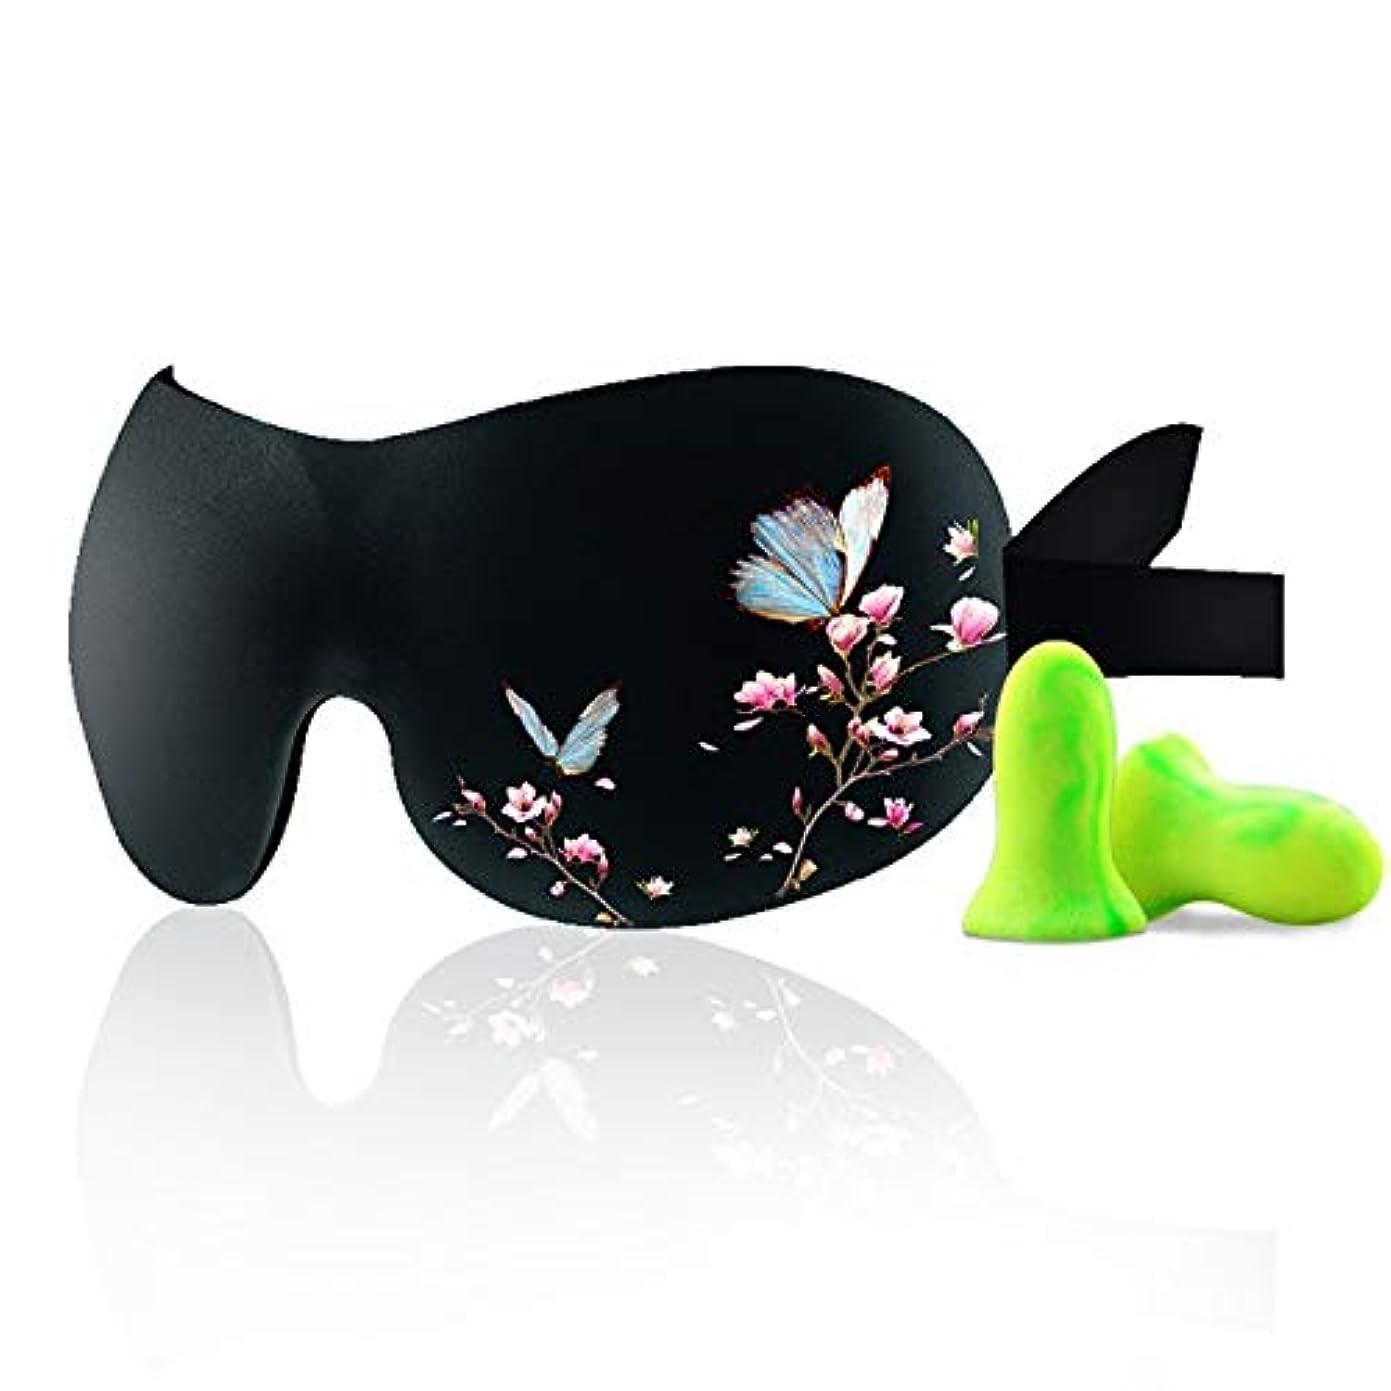 ファウルシプリー資本主義NOTE 3D目隠し睡眠アイシェード花/羊/表現かわいいデザインアイマスク付きアンチノイズイヤホン